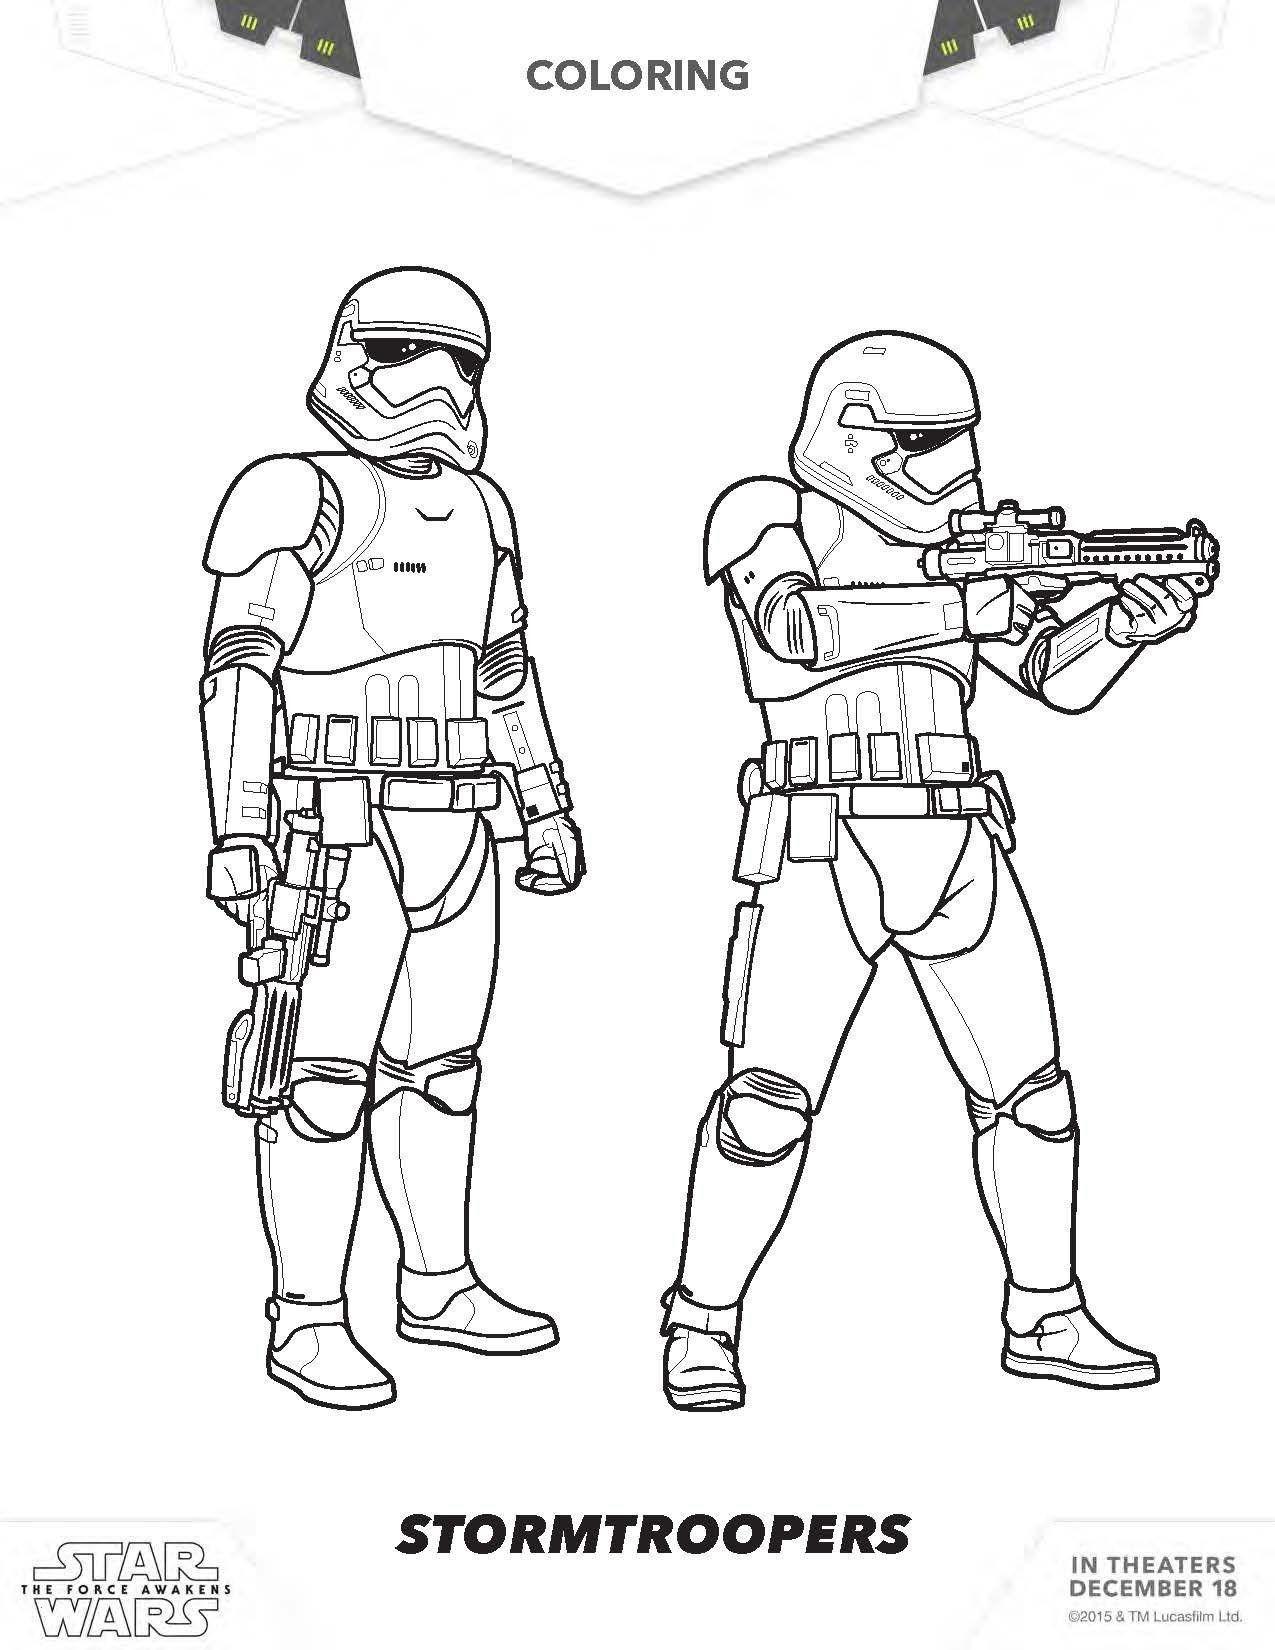 Lego Star Wars Ausmalbild Frisch Lego Star Wars Figuren Ausmalbilder Best Lego Star Wars Coloring Stock